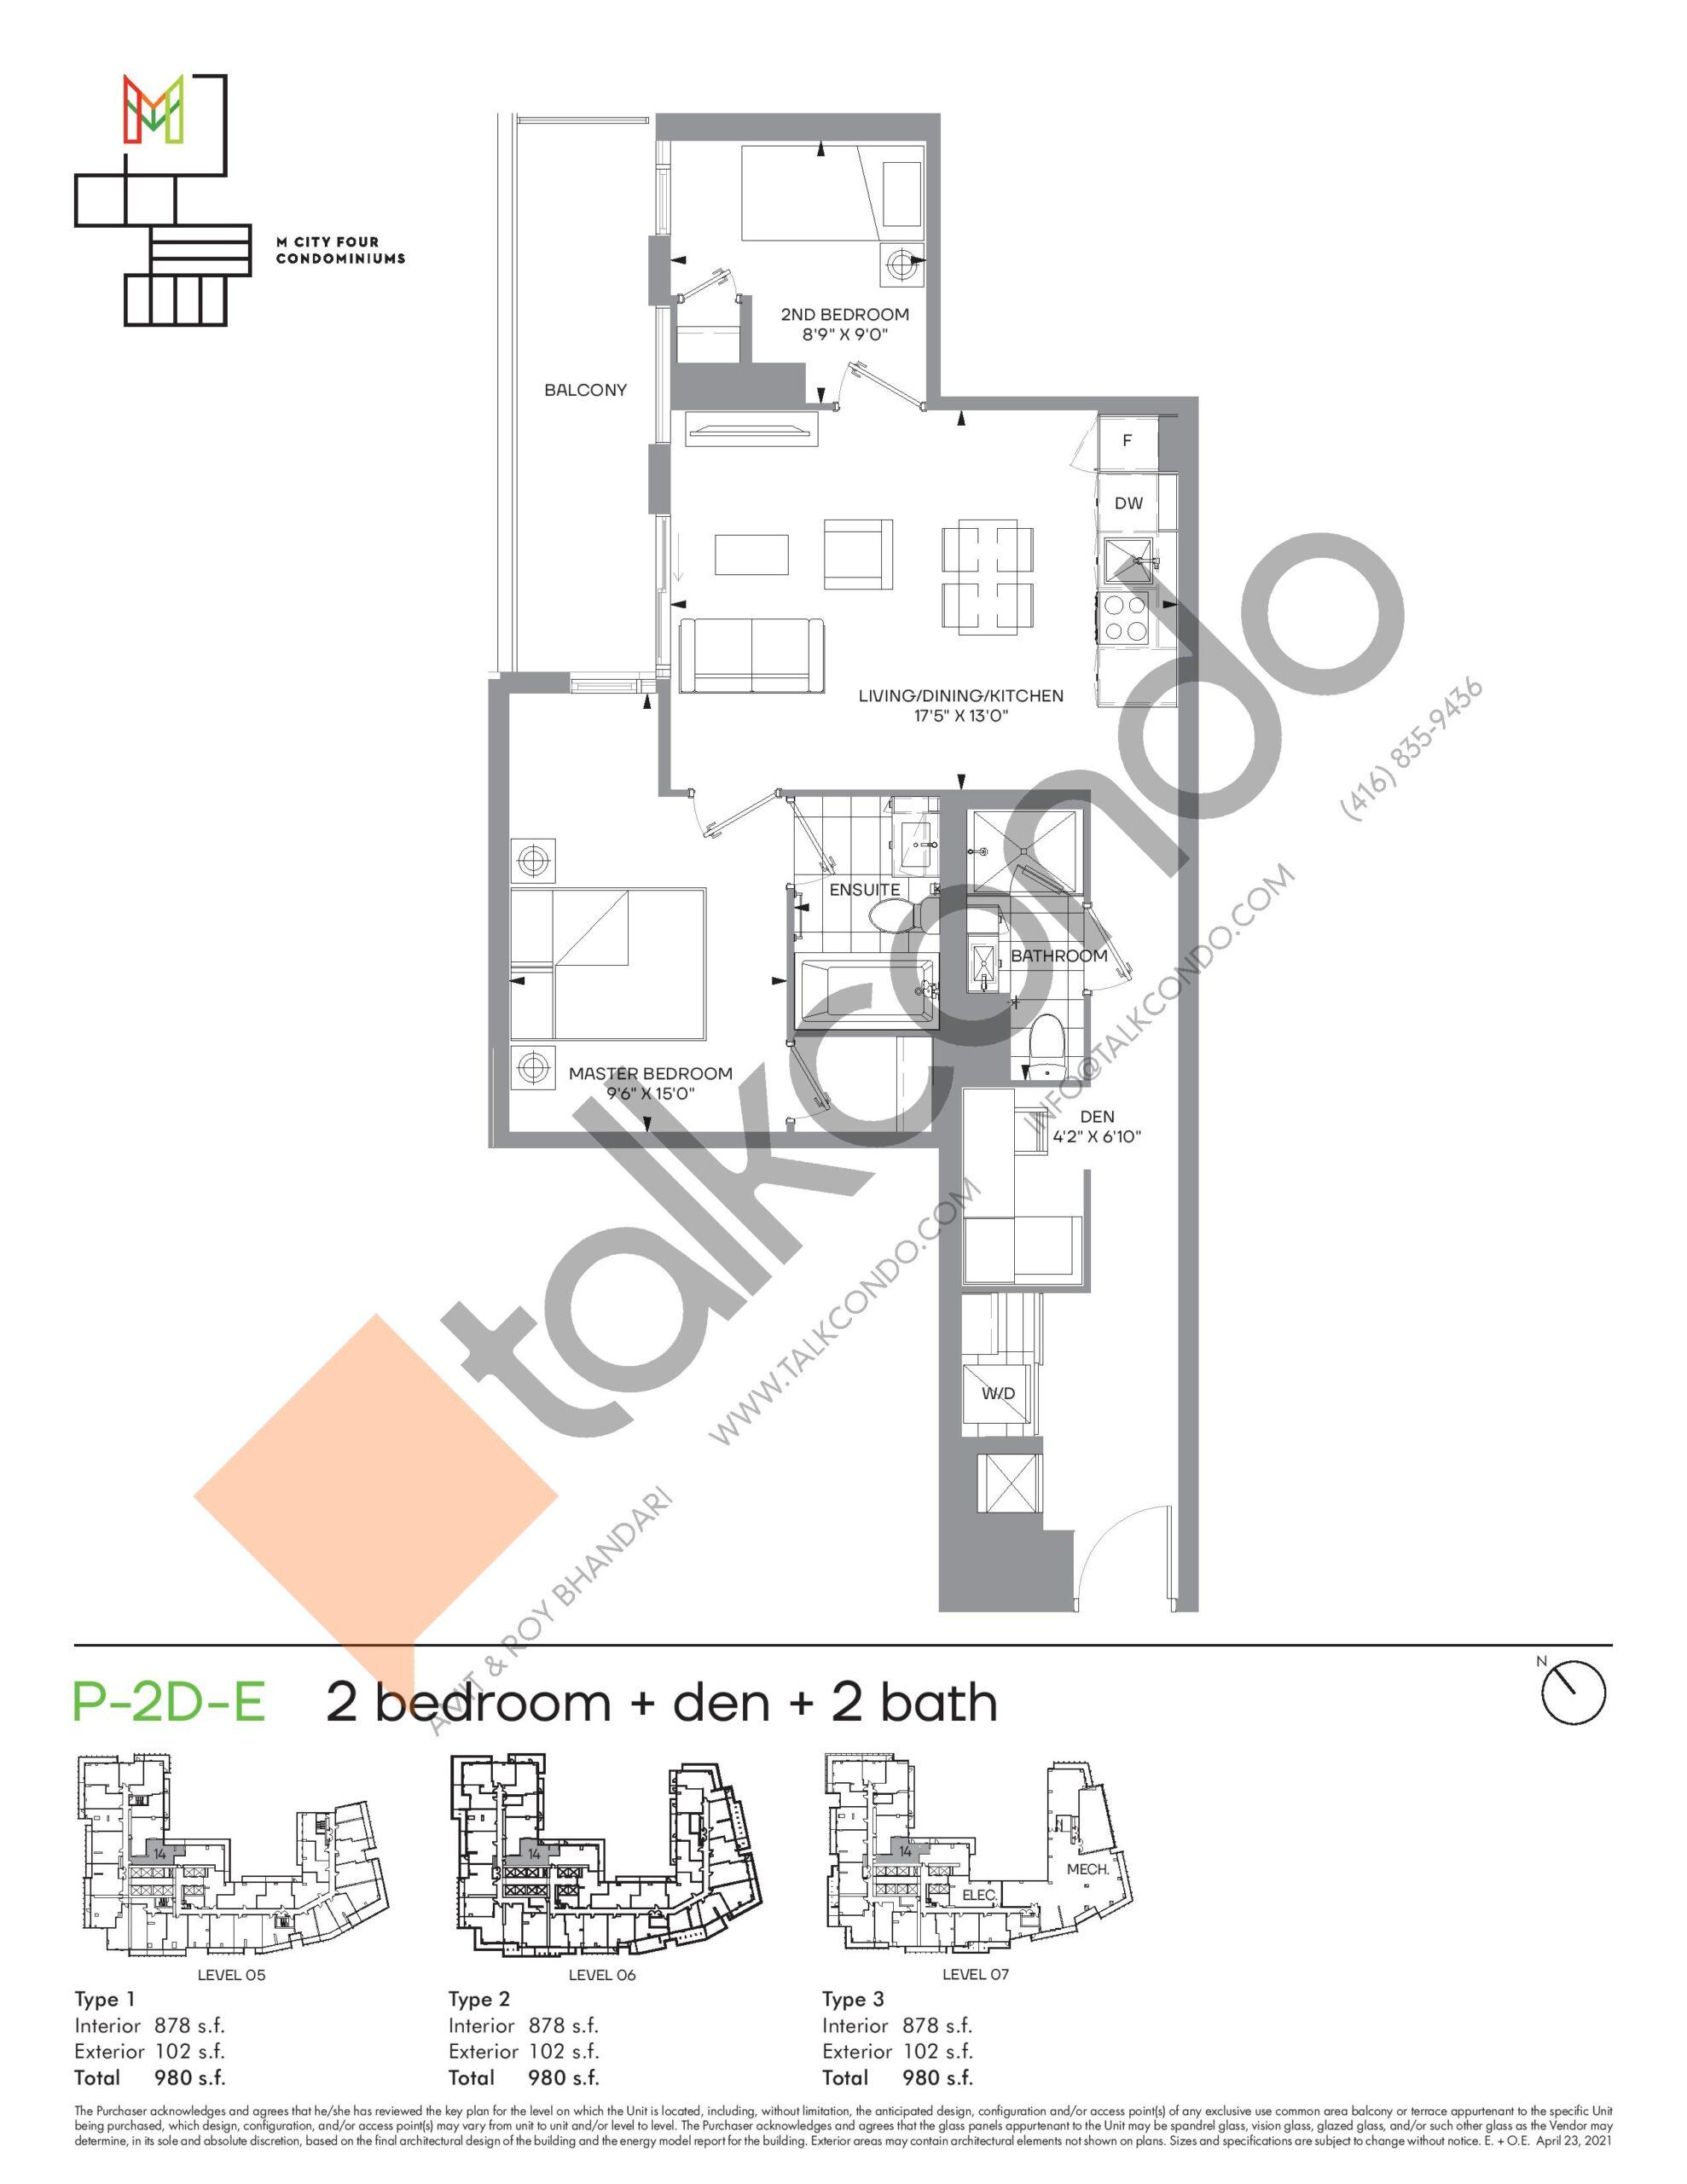 P-2D-E (Podium) Floor Plan at M4 Condos - 878 sq.ft